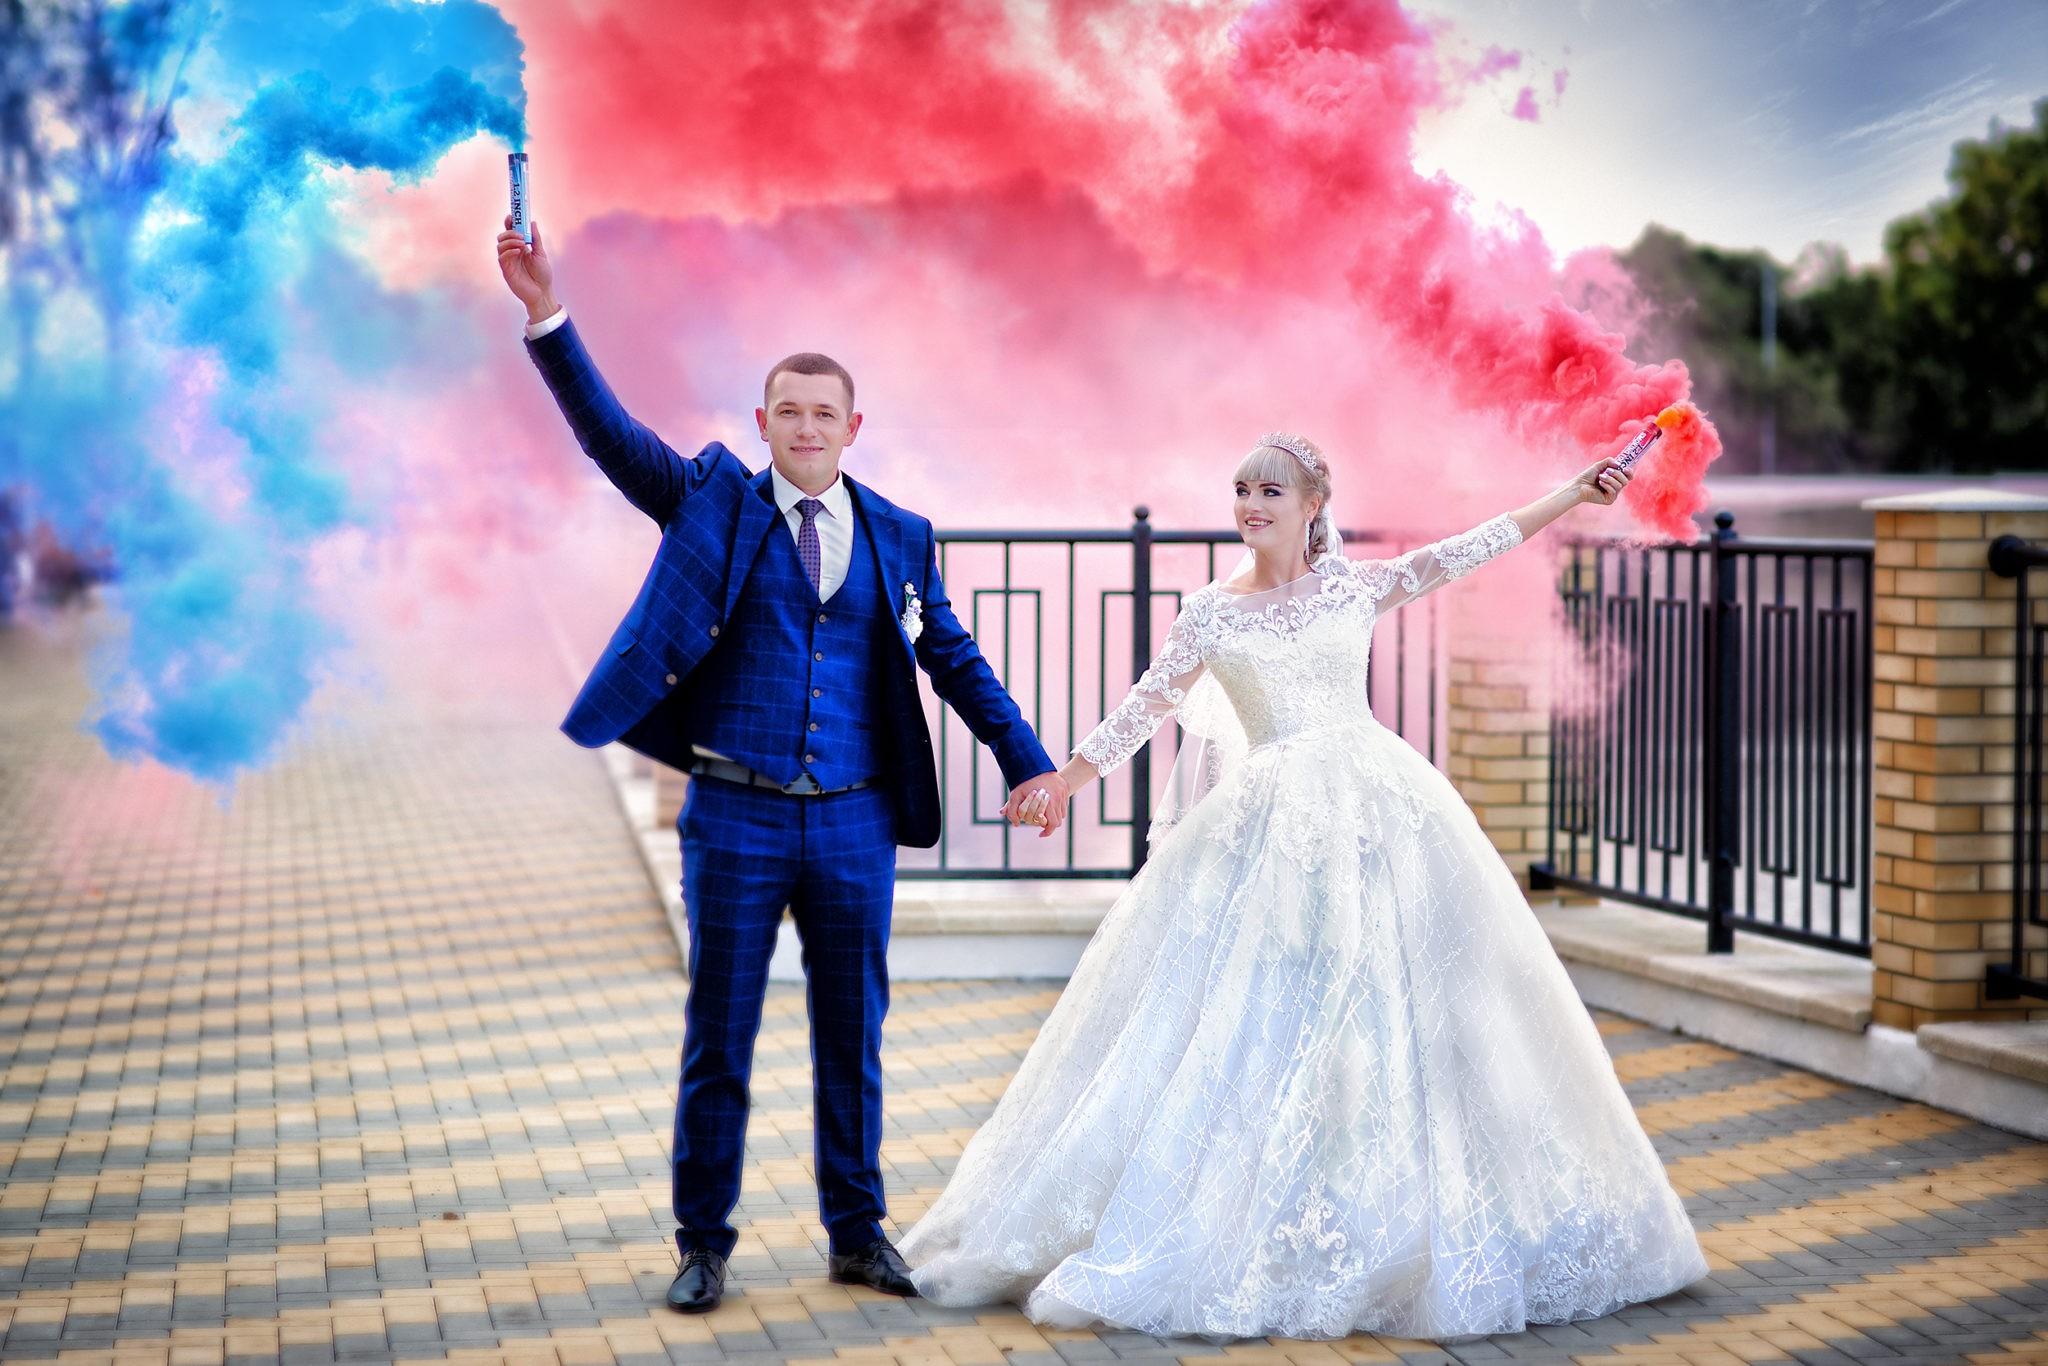 Съемка от свадебного фотографа: прогулка молодых, набережная, цветной дым на свадьбе